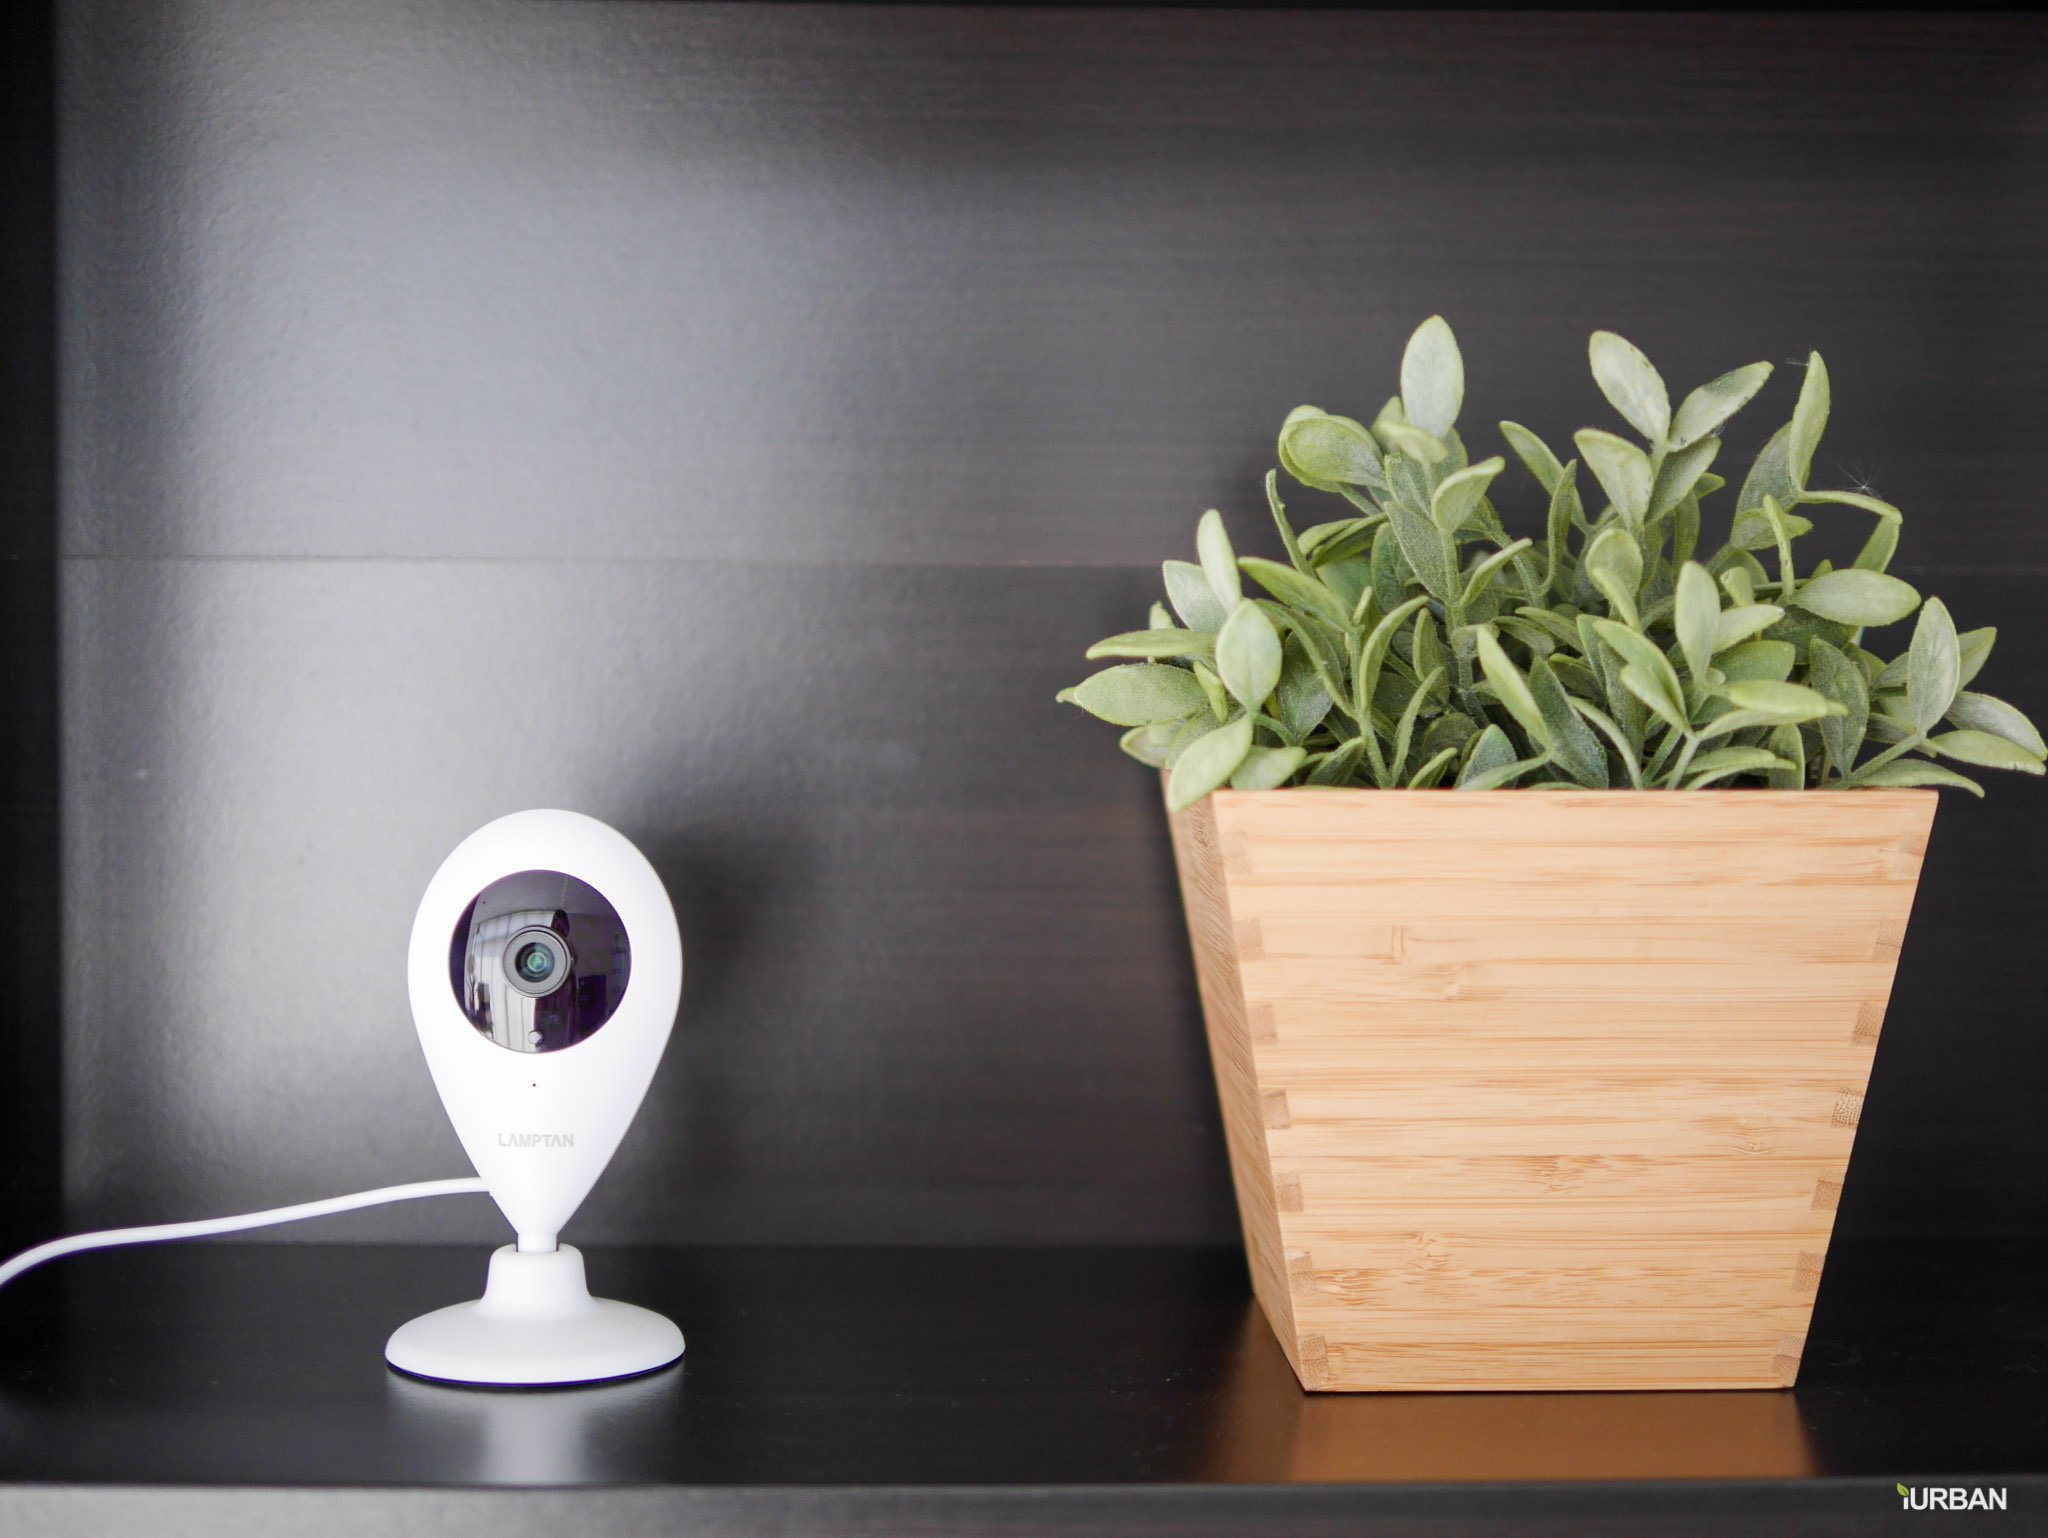 รีวิว LAMPTAN Smart Home Security Kit ชุดกล้องวงจรปิดและเตือนประตูเปิดไปมือถือ พร้อมชุดติดตั้งเองได้ 26 - App